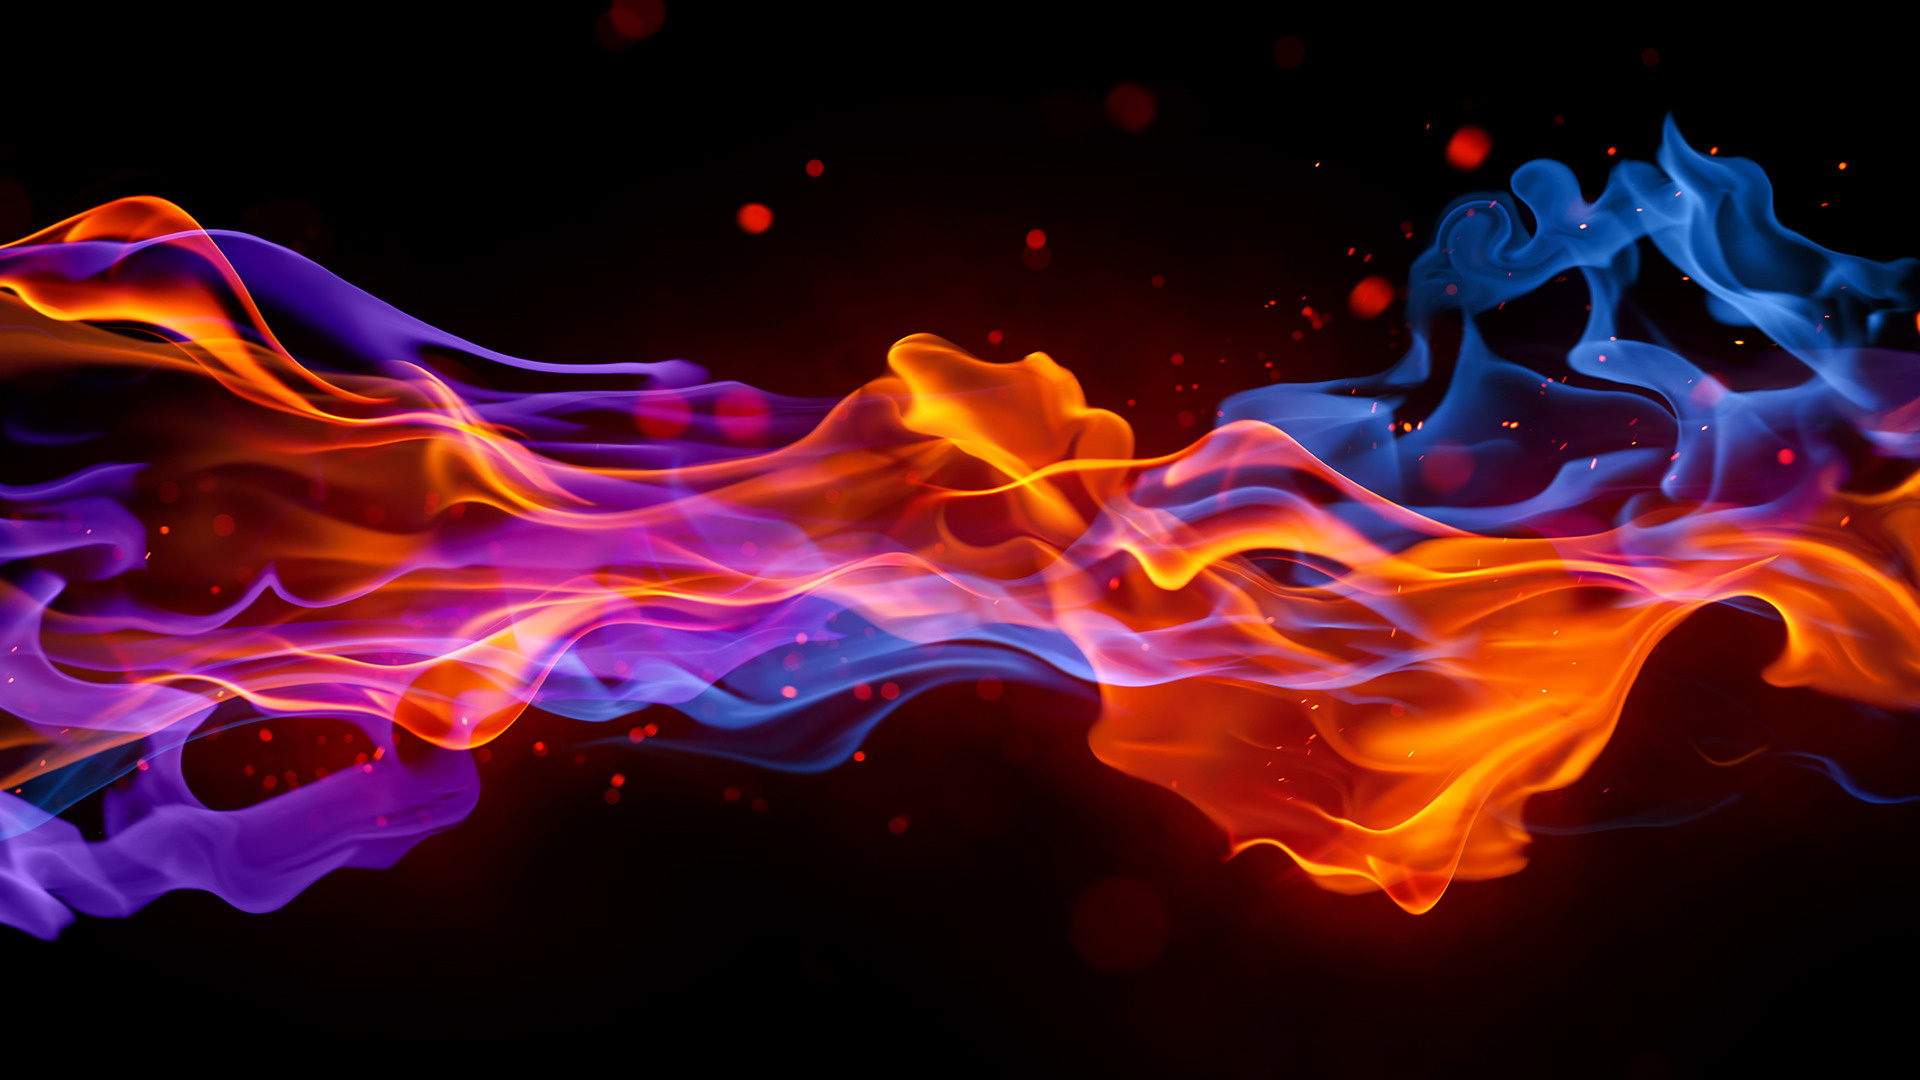 download 3d cg digital art fire flames colors bright rainbow 1920x1080